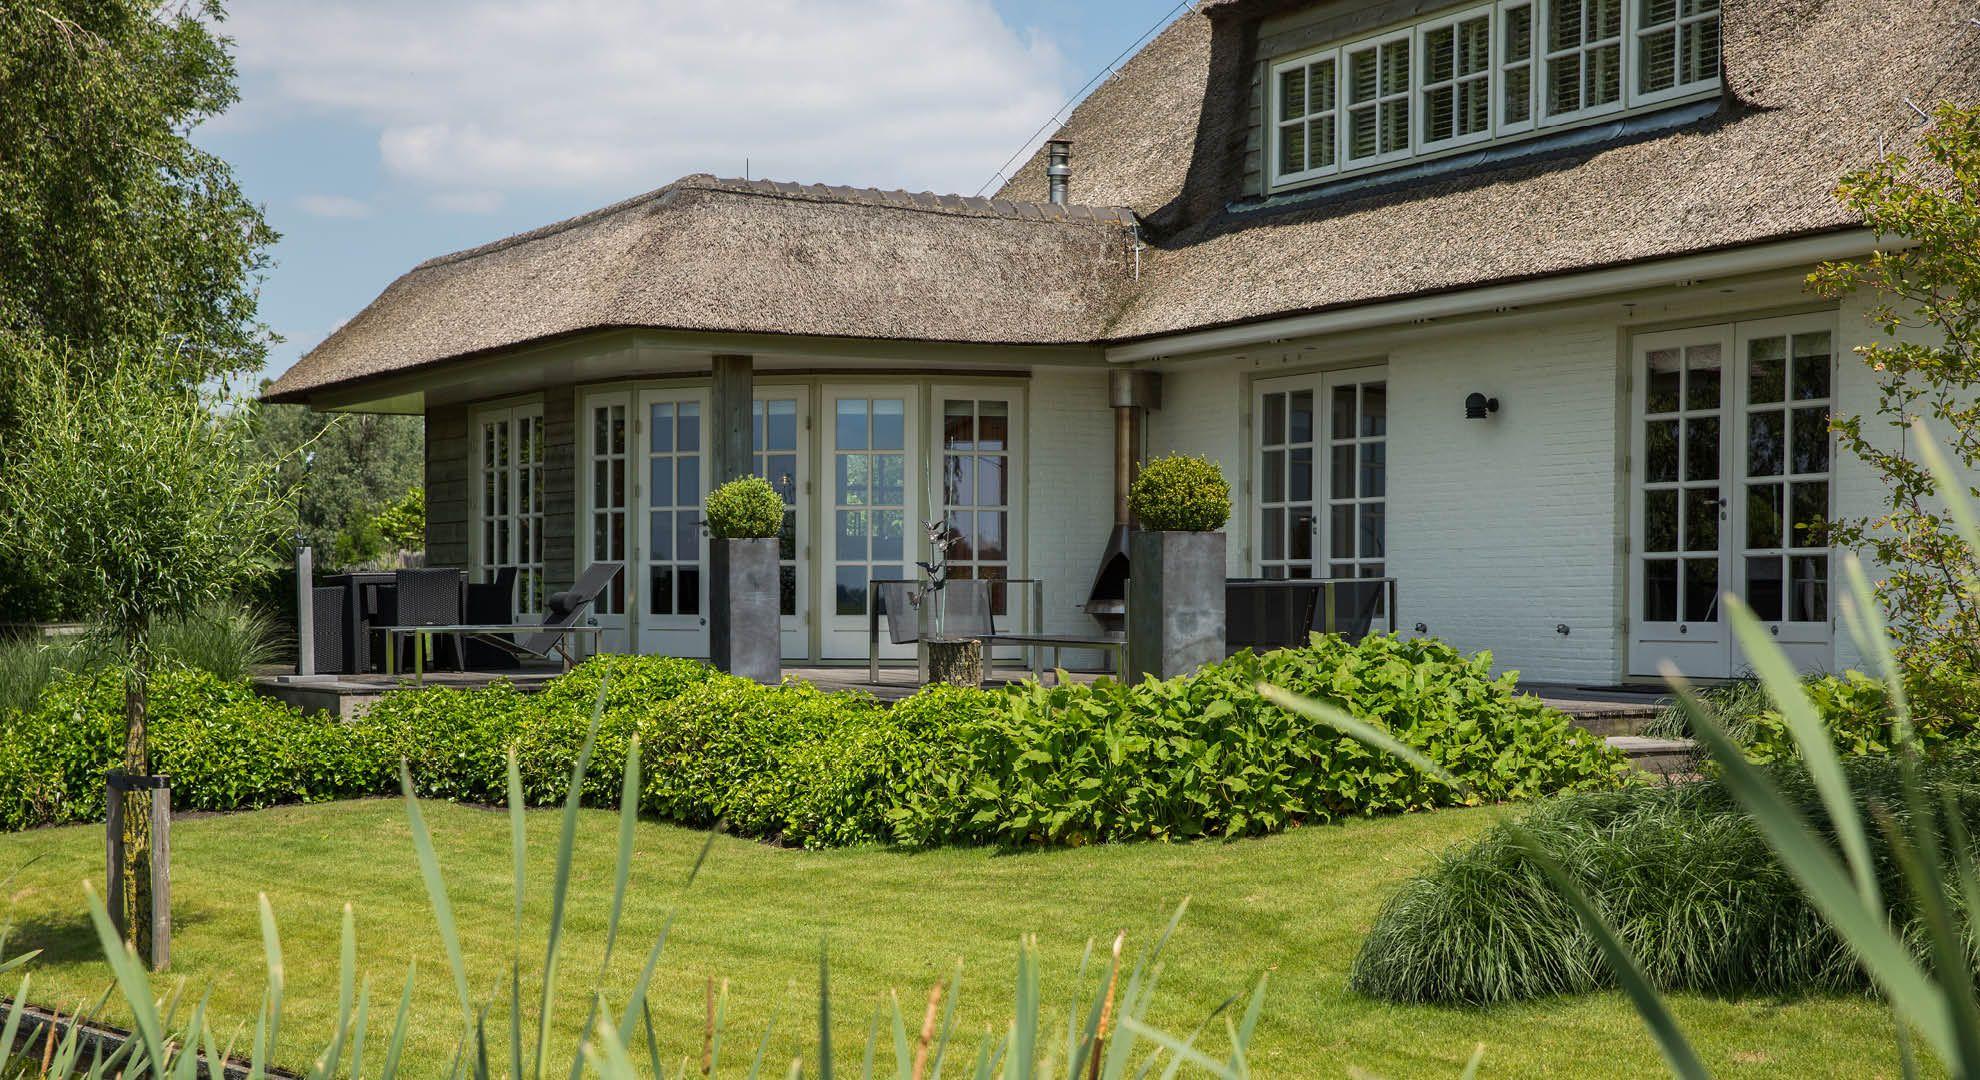 Rodenburg tuinen villatuin in de polder met uitzicht op sloten en